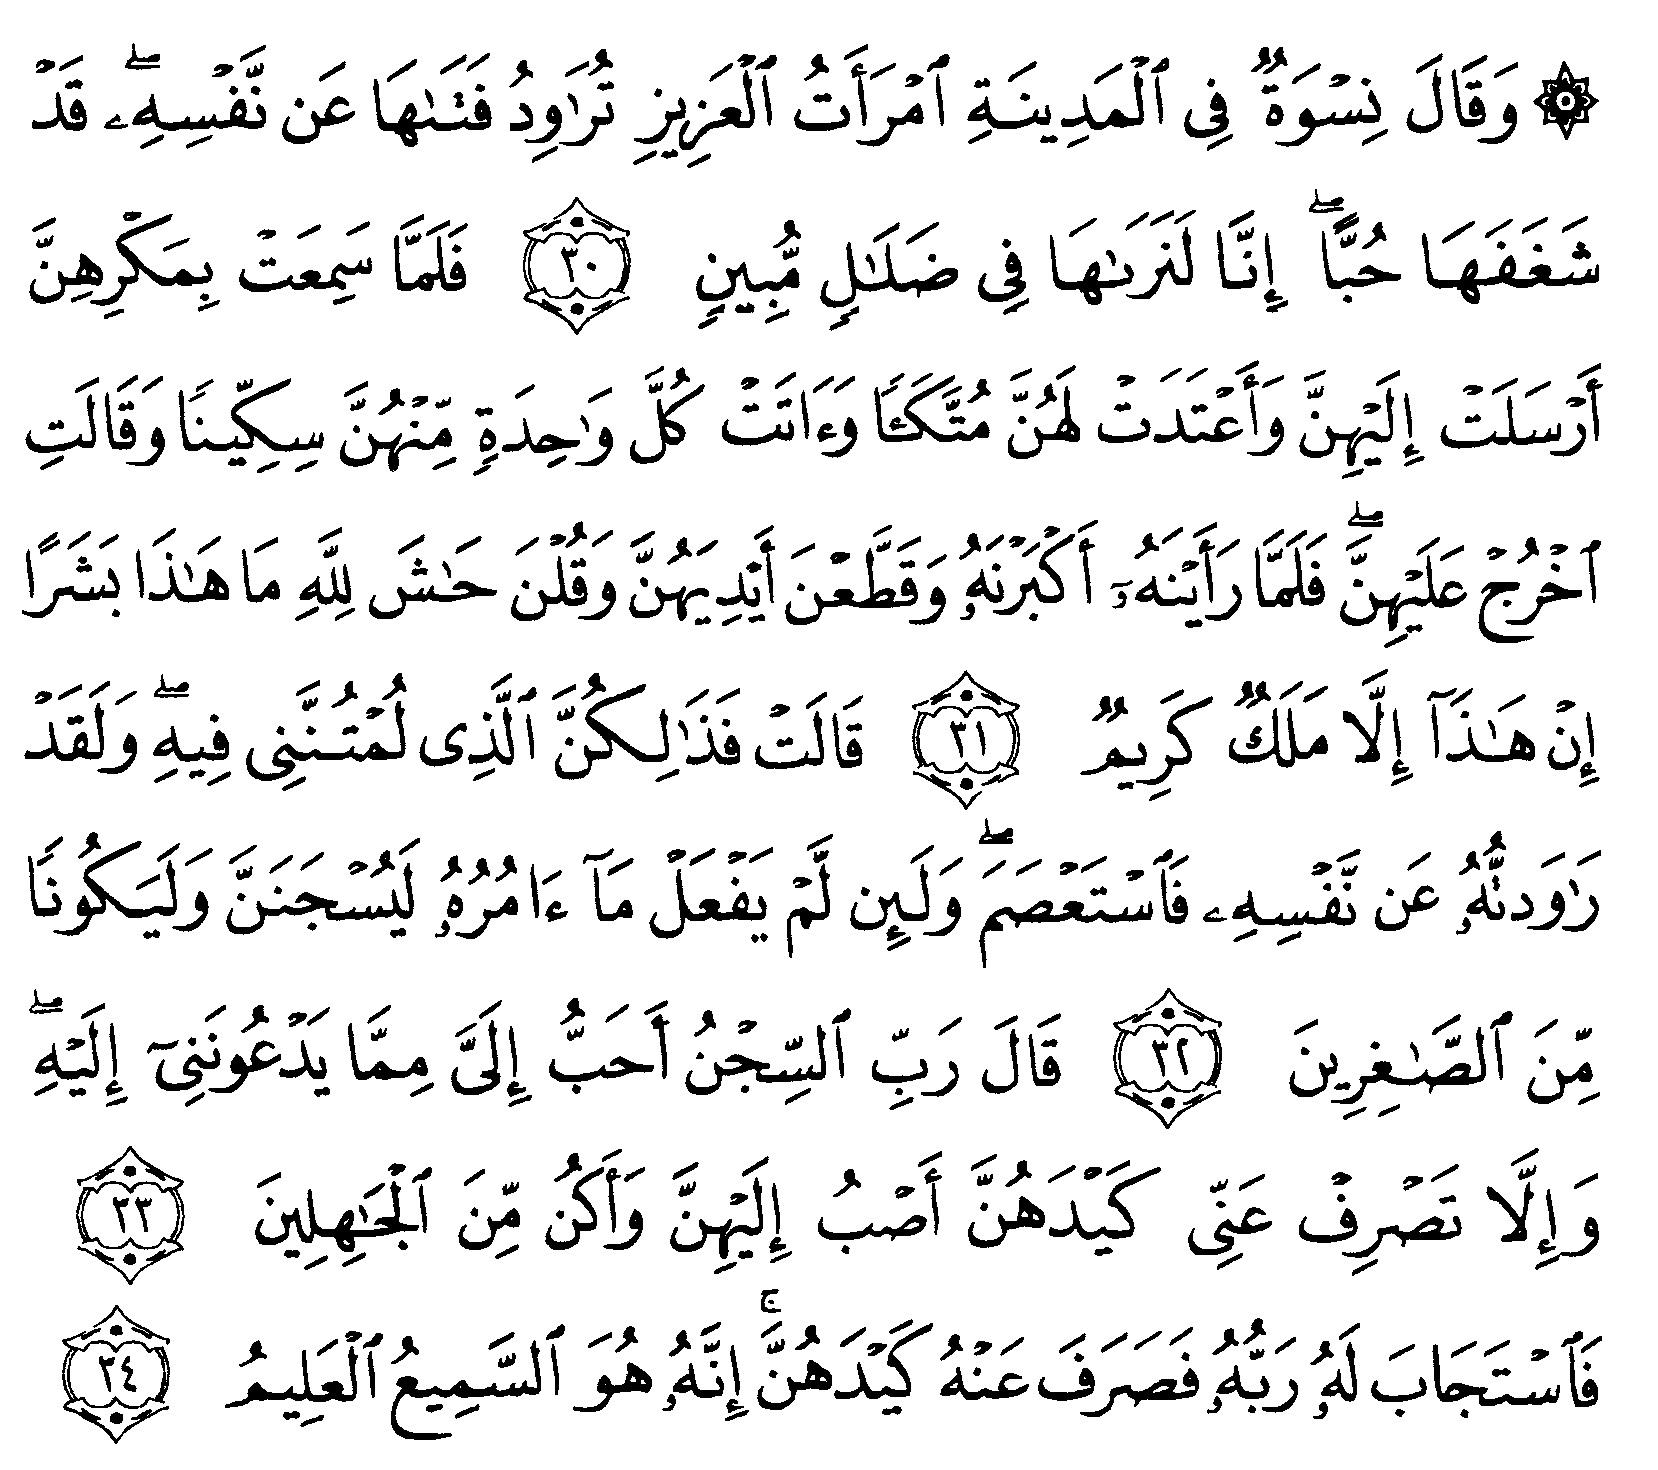 Tafsir Ibnu Katsir Surah Yusuf Ayat 30 34 Alquranmulia